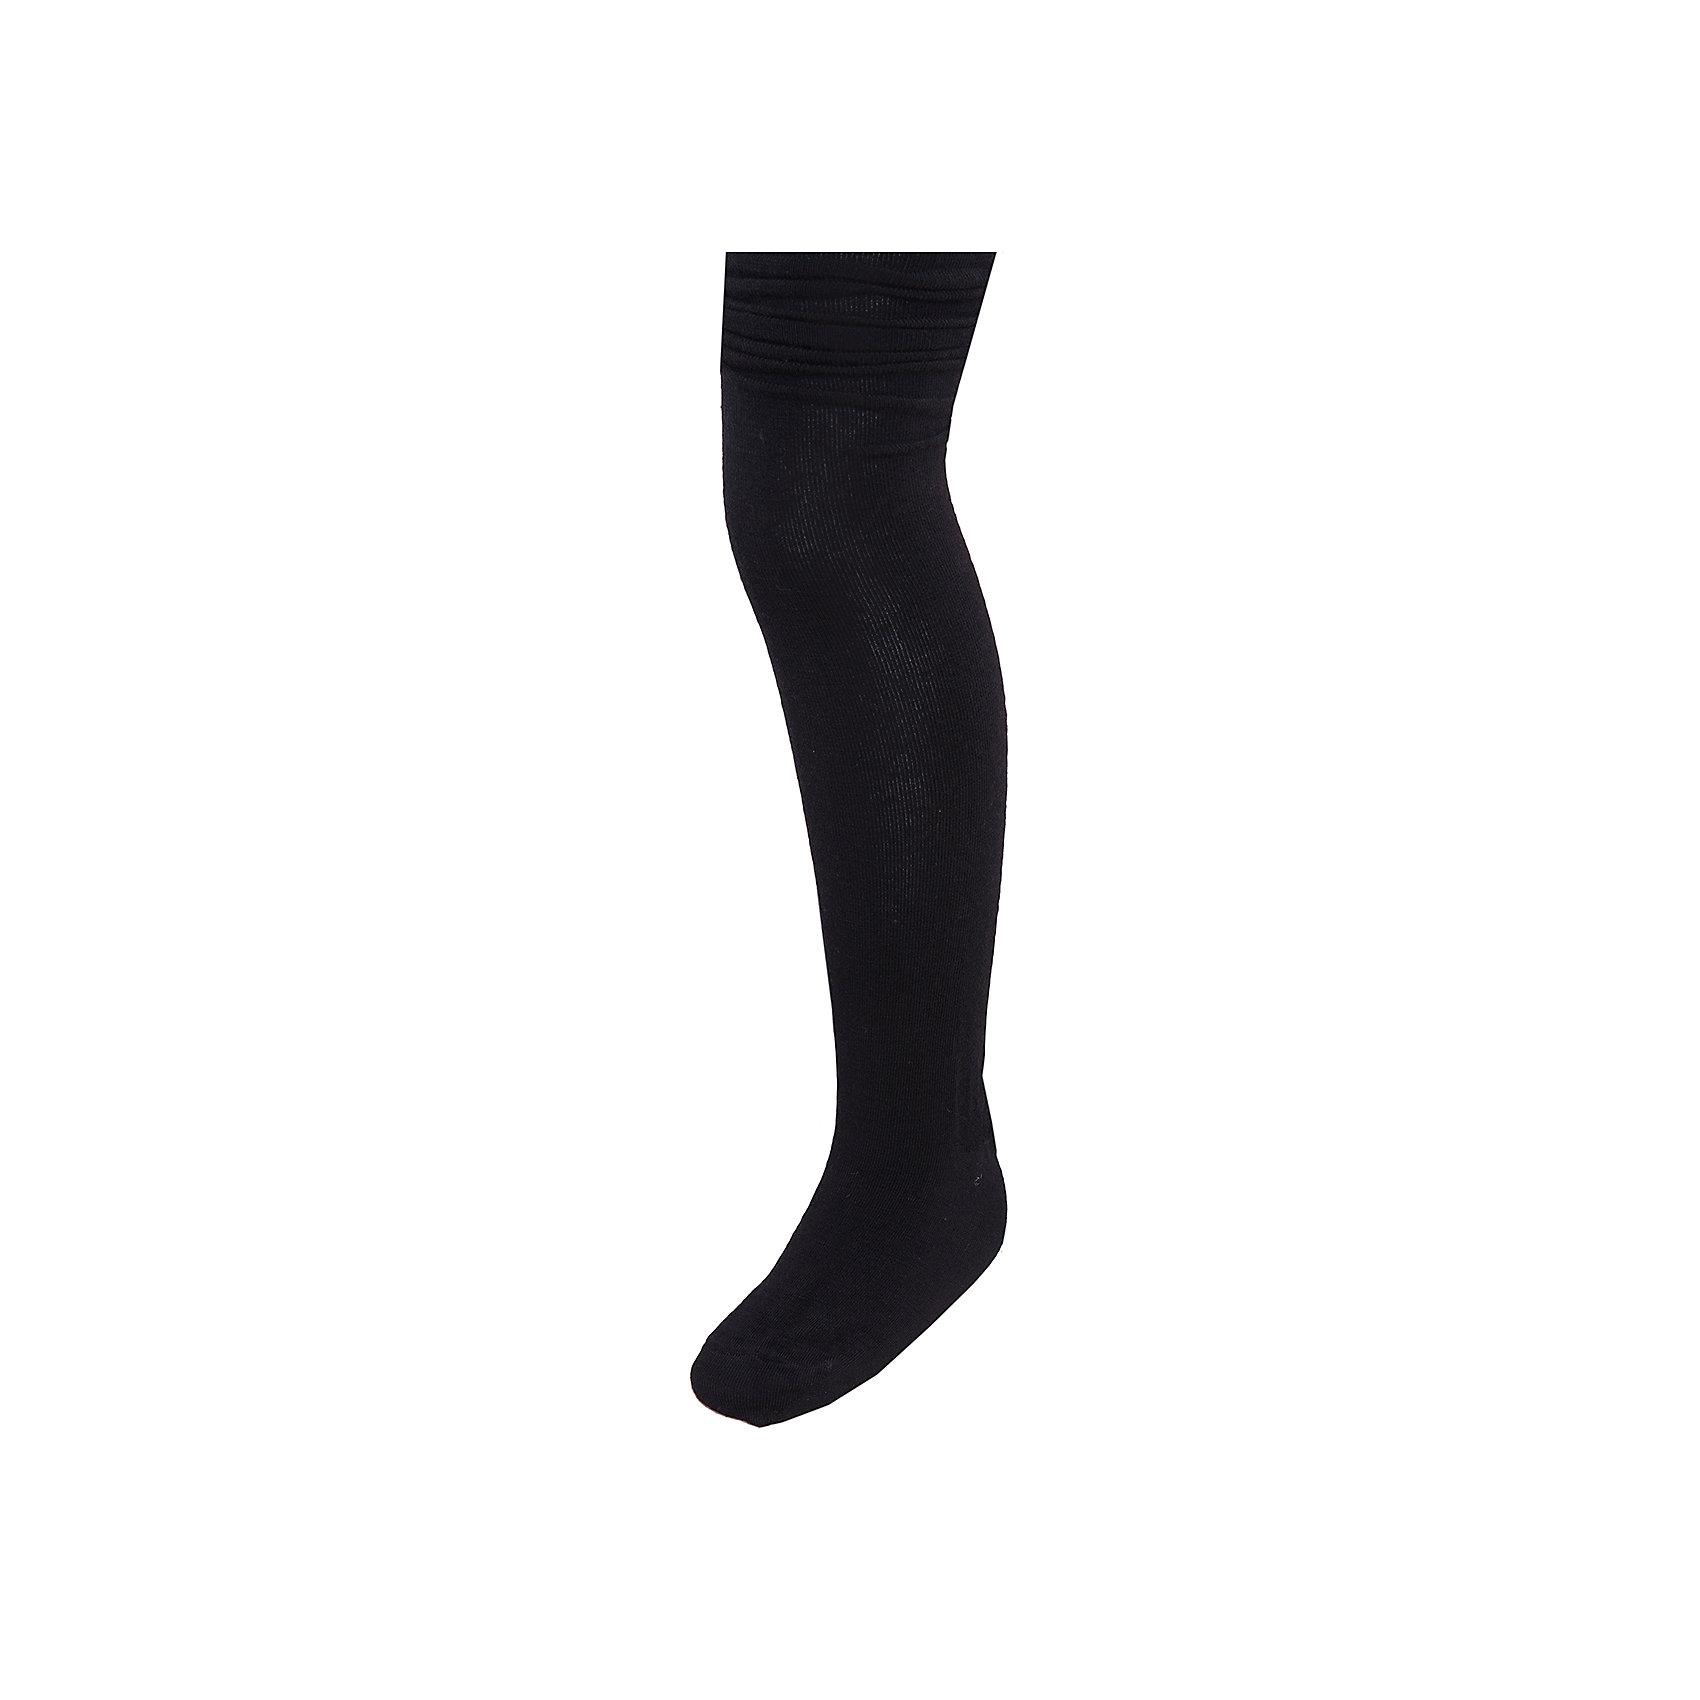 Колготки NorvegФлис и термобелье<br>Колготки от известного бренда Norveg<br><br>Термоколготки Norveg Merino Wool от немецкой компании Norveg (Норвег) - это удобная и красивая одежда, которая обеспечит комфортную терморегуляцию тела и на улице, и в помещении. <br>Они сделаны из шерсти мериноса (австралийской тонкорунной овцы), которая обладает гипоаллергенными свойствами, поэтому не вызывает раздражения, даже если надета на голое тело. <br>Отличительные особенности модели:<br><br>- цвет - черный;<br>- швы плоские, не натирают и не мешают движению;<br>- анатомические резинки;<br>- материал впитывает влагу и сразу выводит наружу;<br>- анатомический крой;<br>- подходит и мальчикам, и девочкам;<br>- не мешает под одеждой.<br><br>Дополнительная информация:<br><br>- Температурный режим: от - 30° С  до +5° С.<br><br>- Состав: 90% шерсть мериноса, 10% полиамид<br><br>Колготки Norveg (Норвег) можно купить в нашем магазине.<br><br>Ширина мм: 123<br>Глубина мм: 10<br>Высота мм: 149<br>Вес г: 209<br>Цвет: черный<br>Возраст от месяцев: 108<br>Возраст до месяцев: 120<br>Пол: Унисекс<br>Возраст: Детский<br>Размер: 140/146,164/170,152/158<br>SKU: 4231171